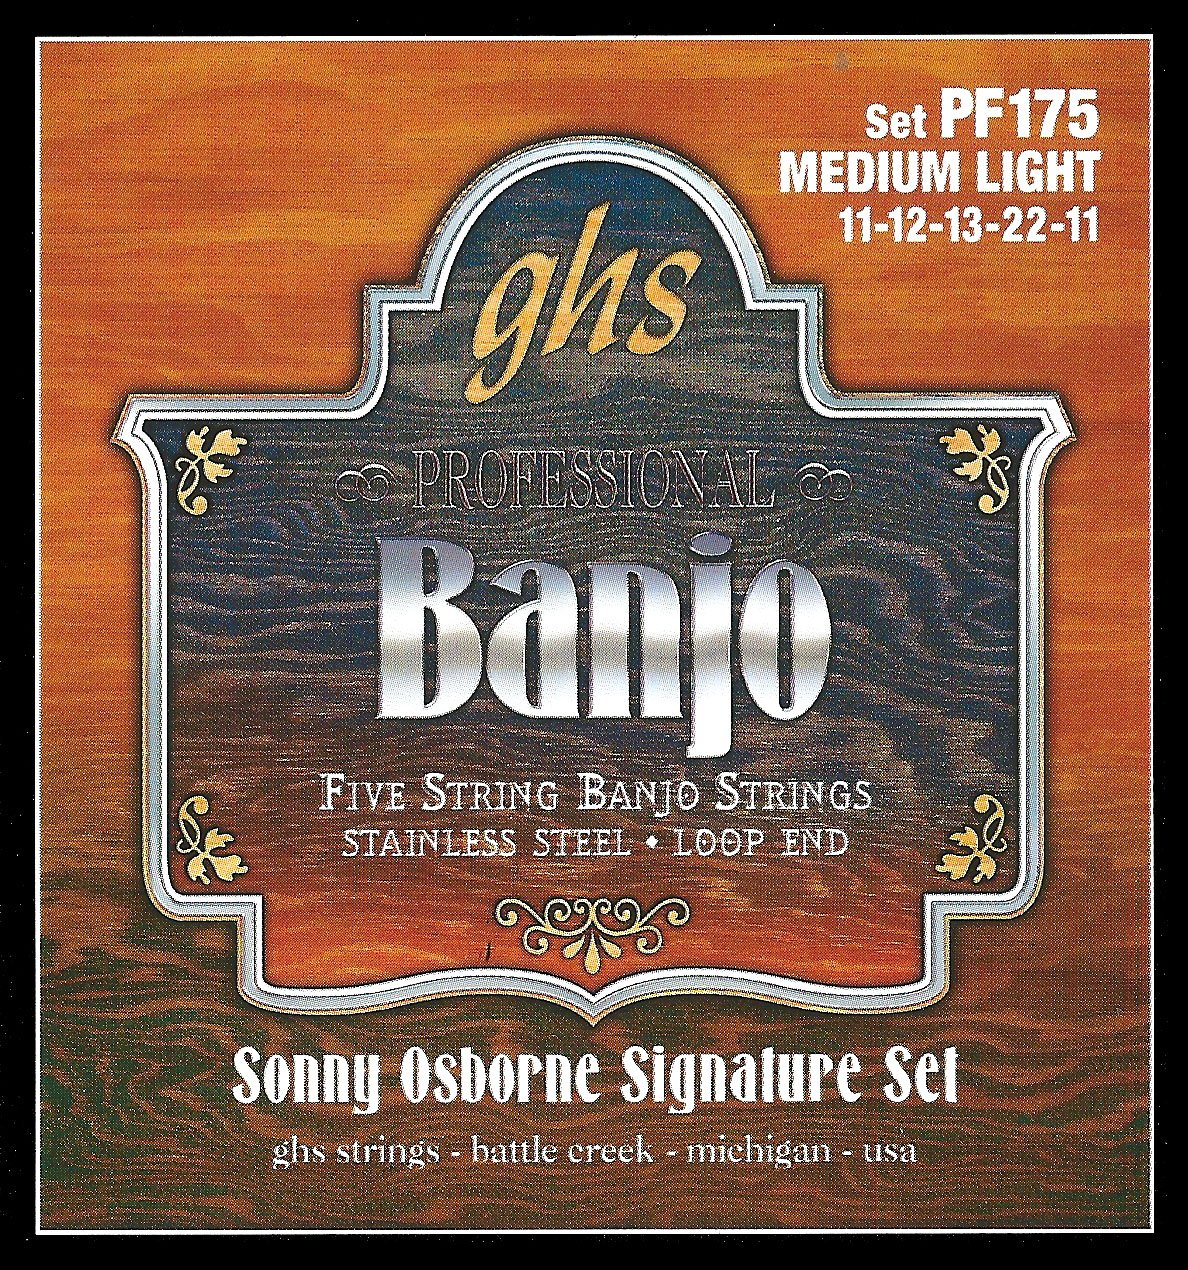 GHS Sonny Osborne Signature Banjo Strings Medium Light PF175